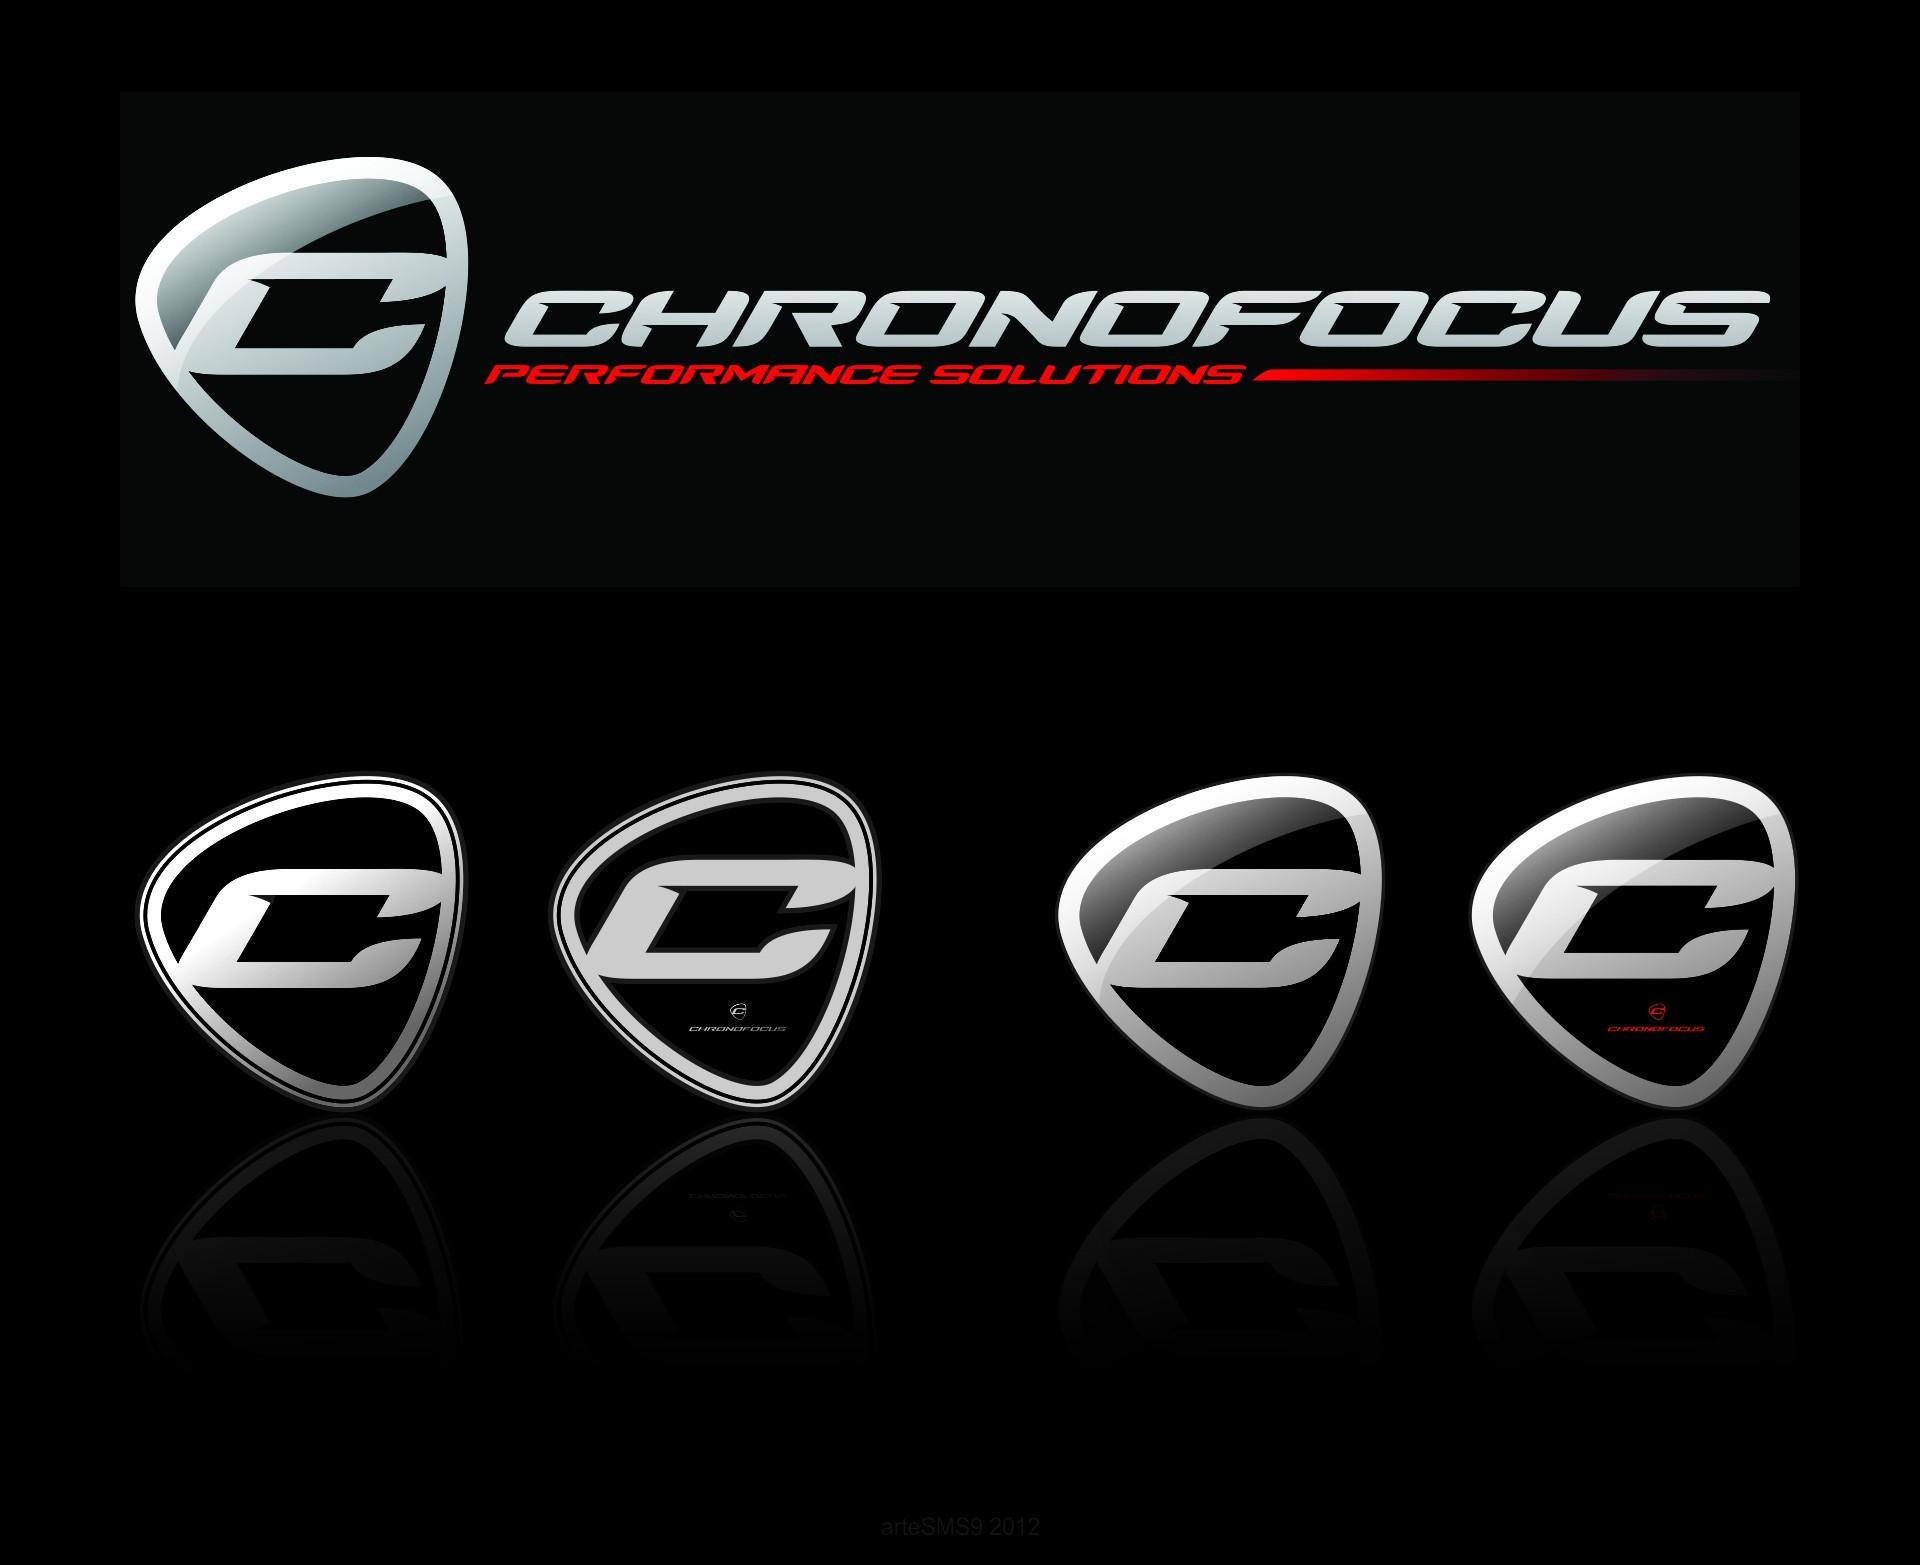 Help chronofocus with a new logo